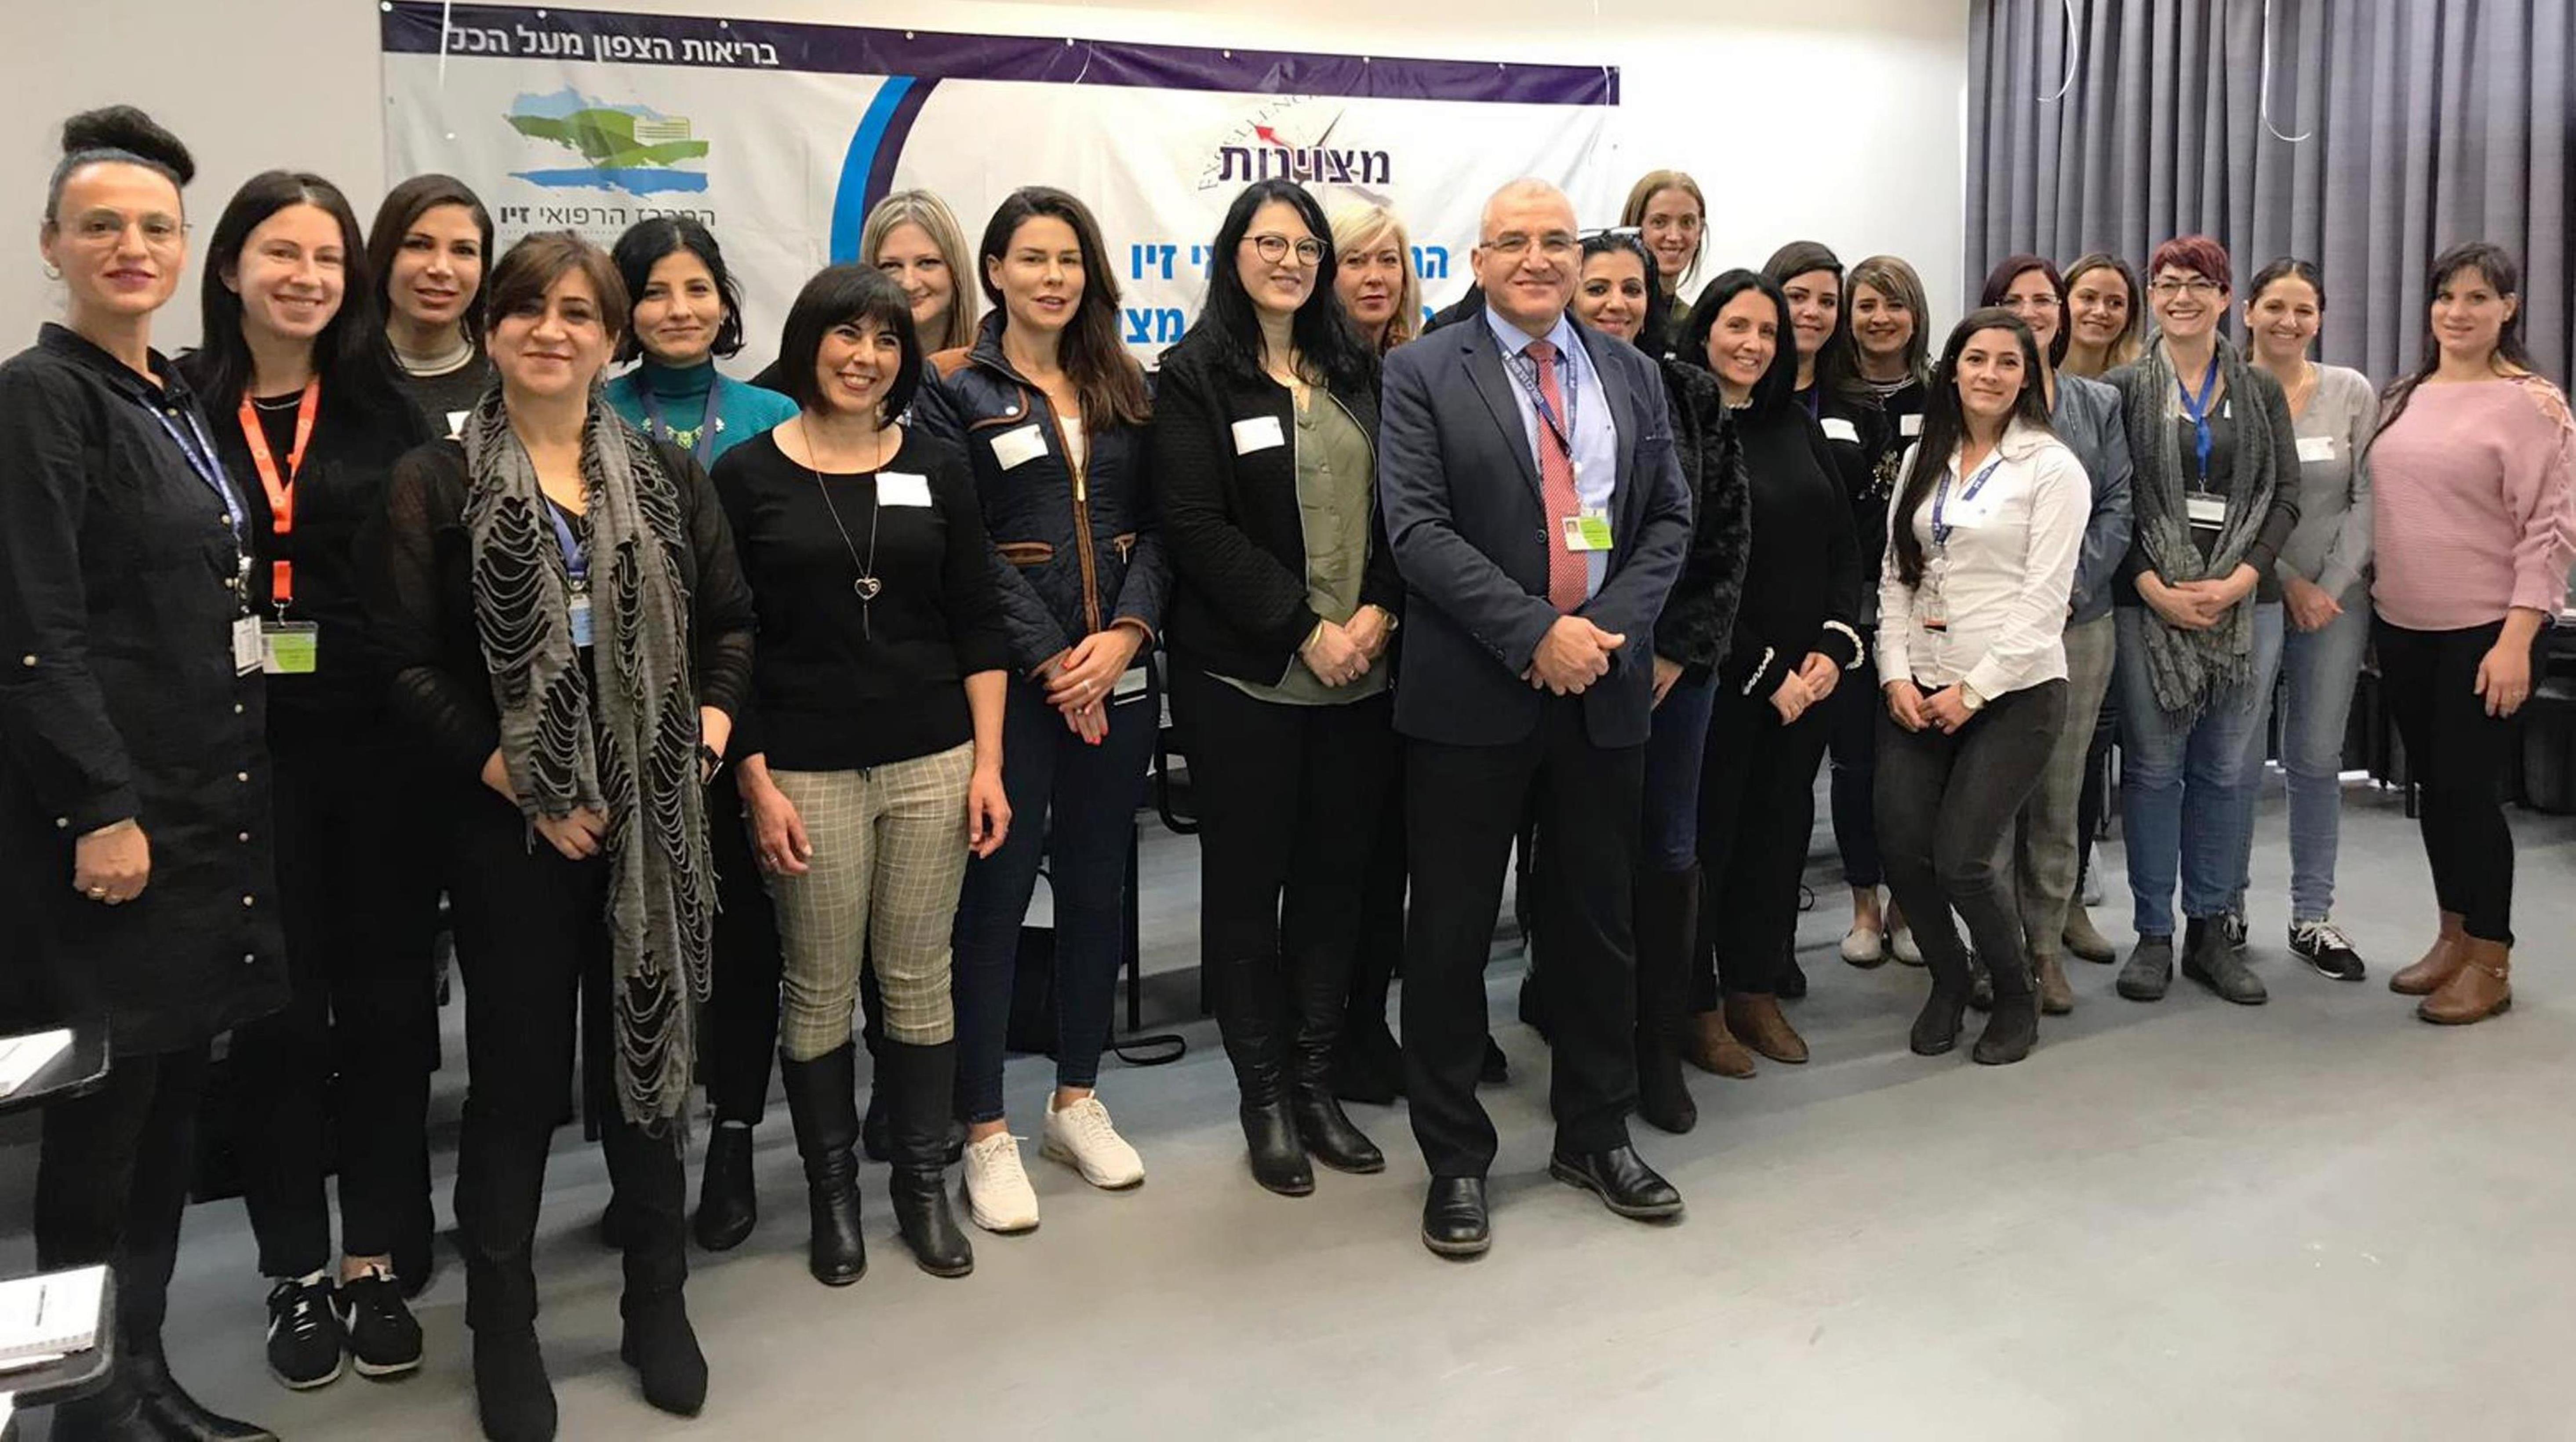 חדש במרכז הרפואי זיו בצפת: תוכנית העצמה לנשים